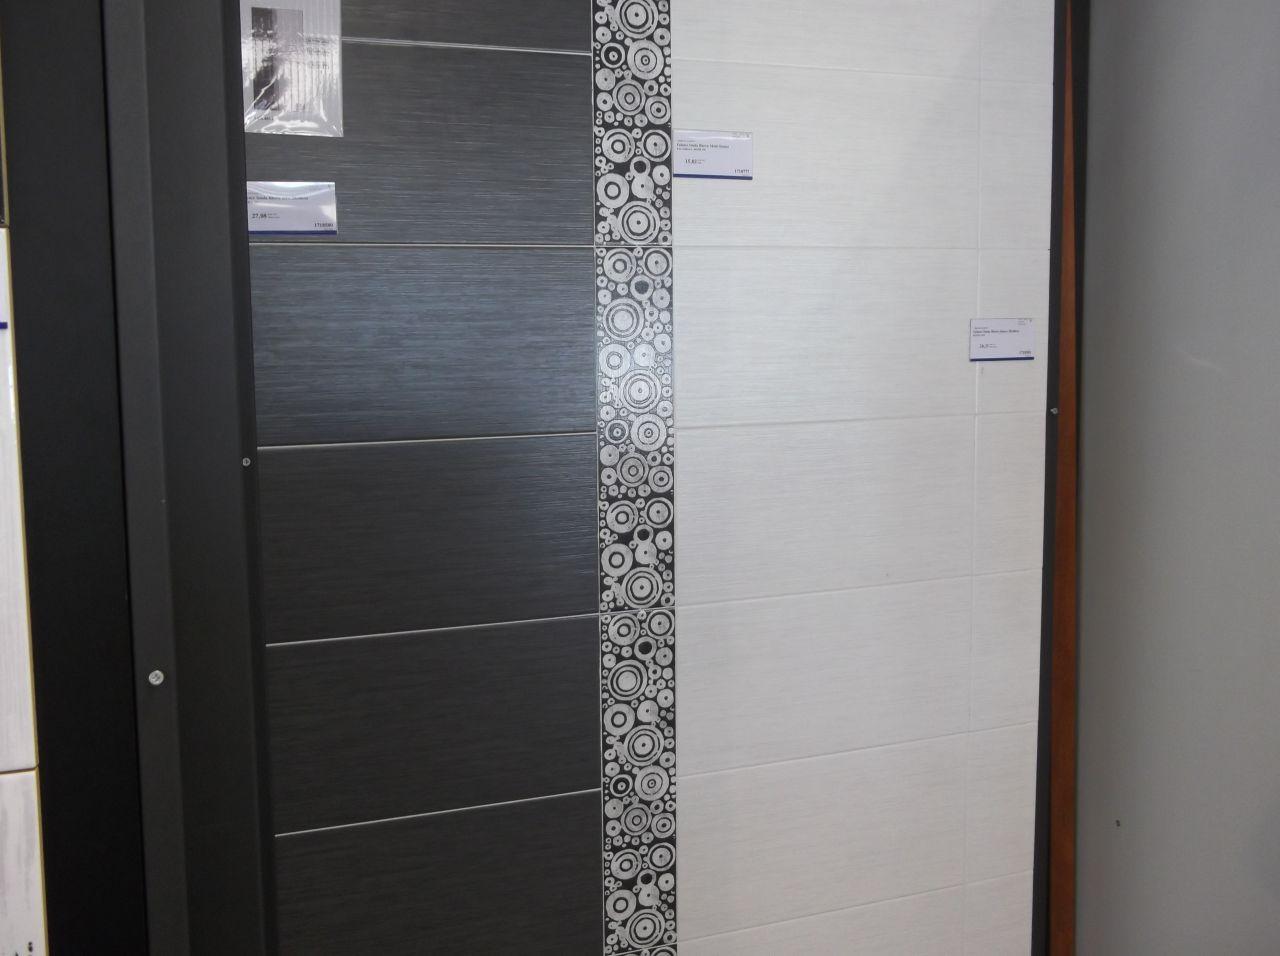 Lectricit et plomberie esquisse salle de bain la for Electricite salle de bain